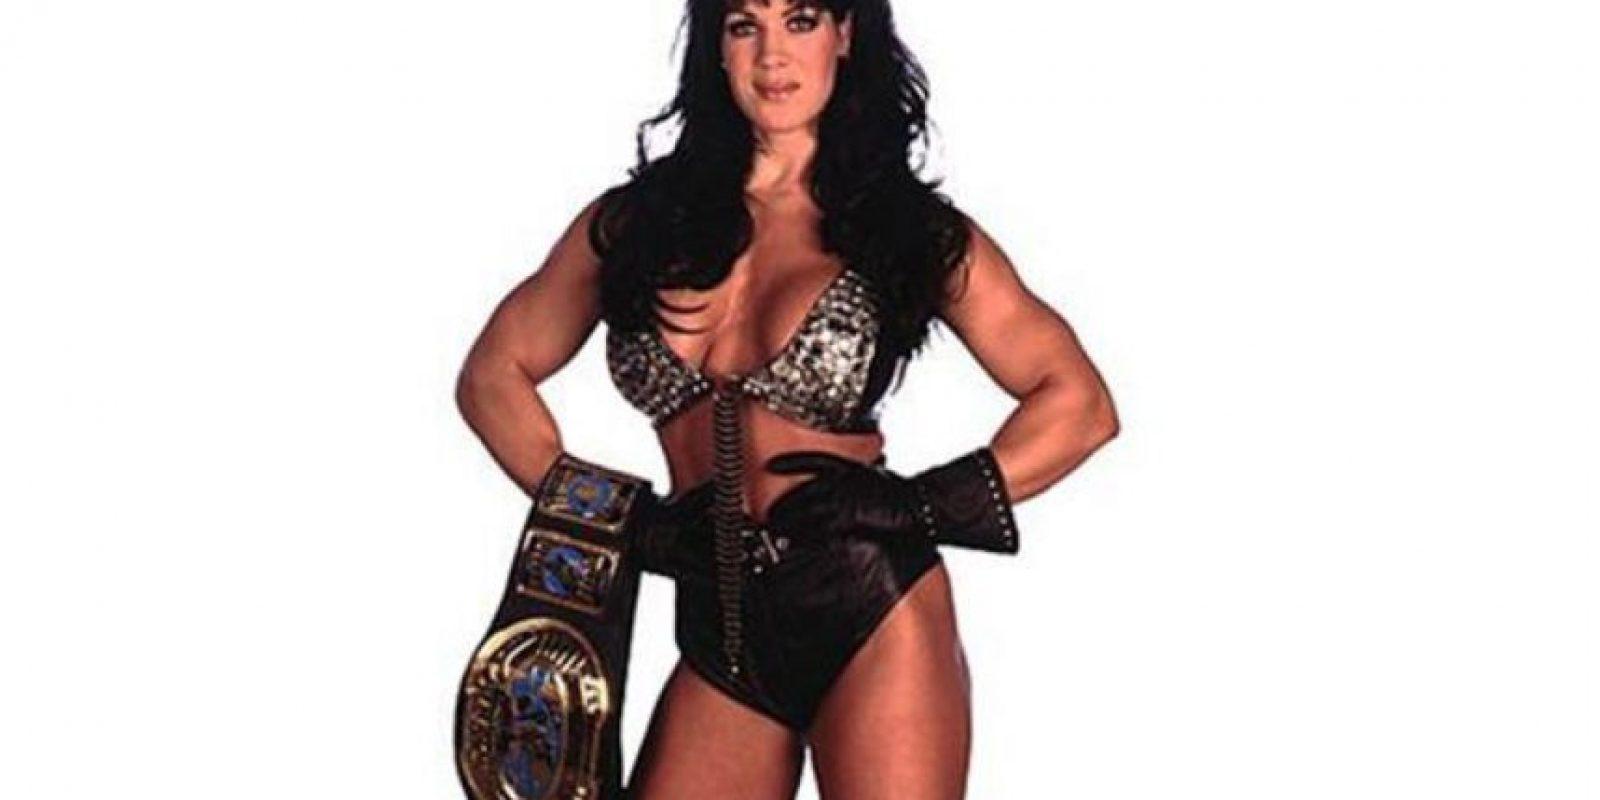 A la empresa no le pareció que la exluchadora hiciera películas para adultos, después de ser un referente del entretenimiento deportivo Foto:WWE